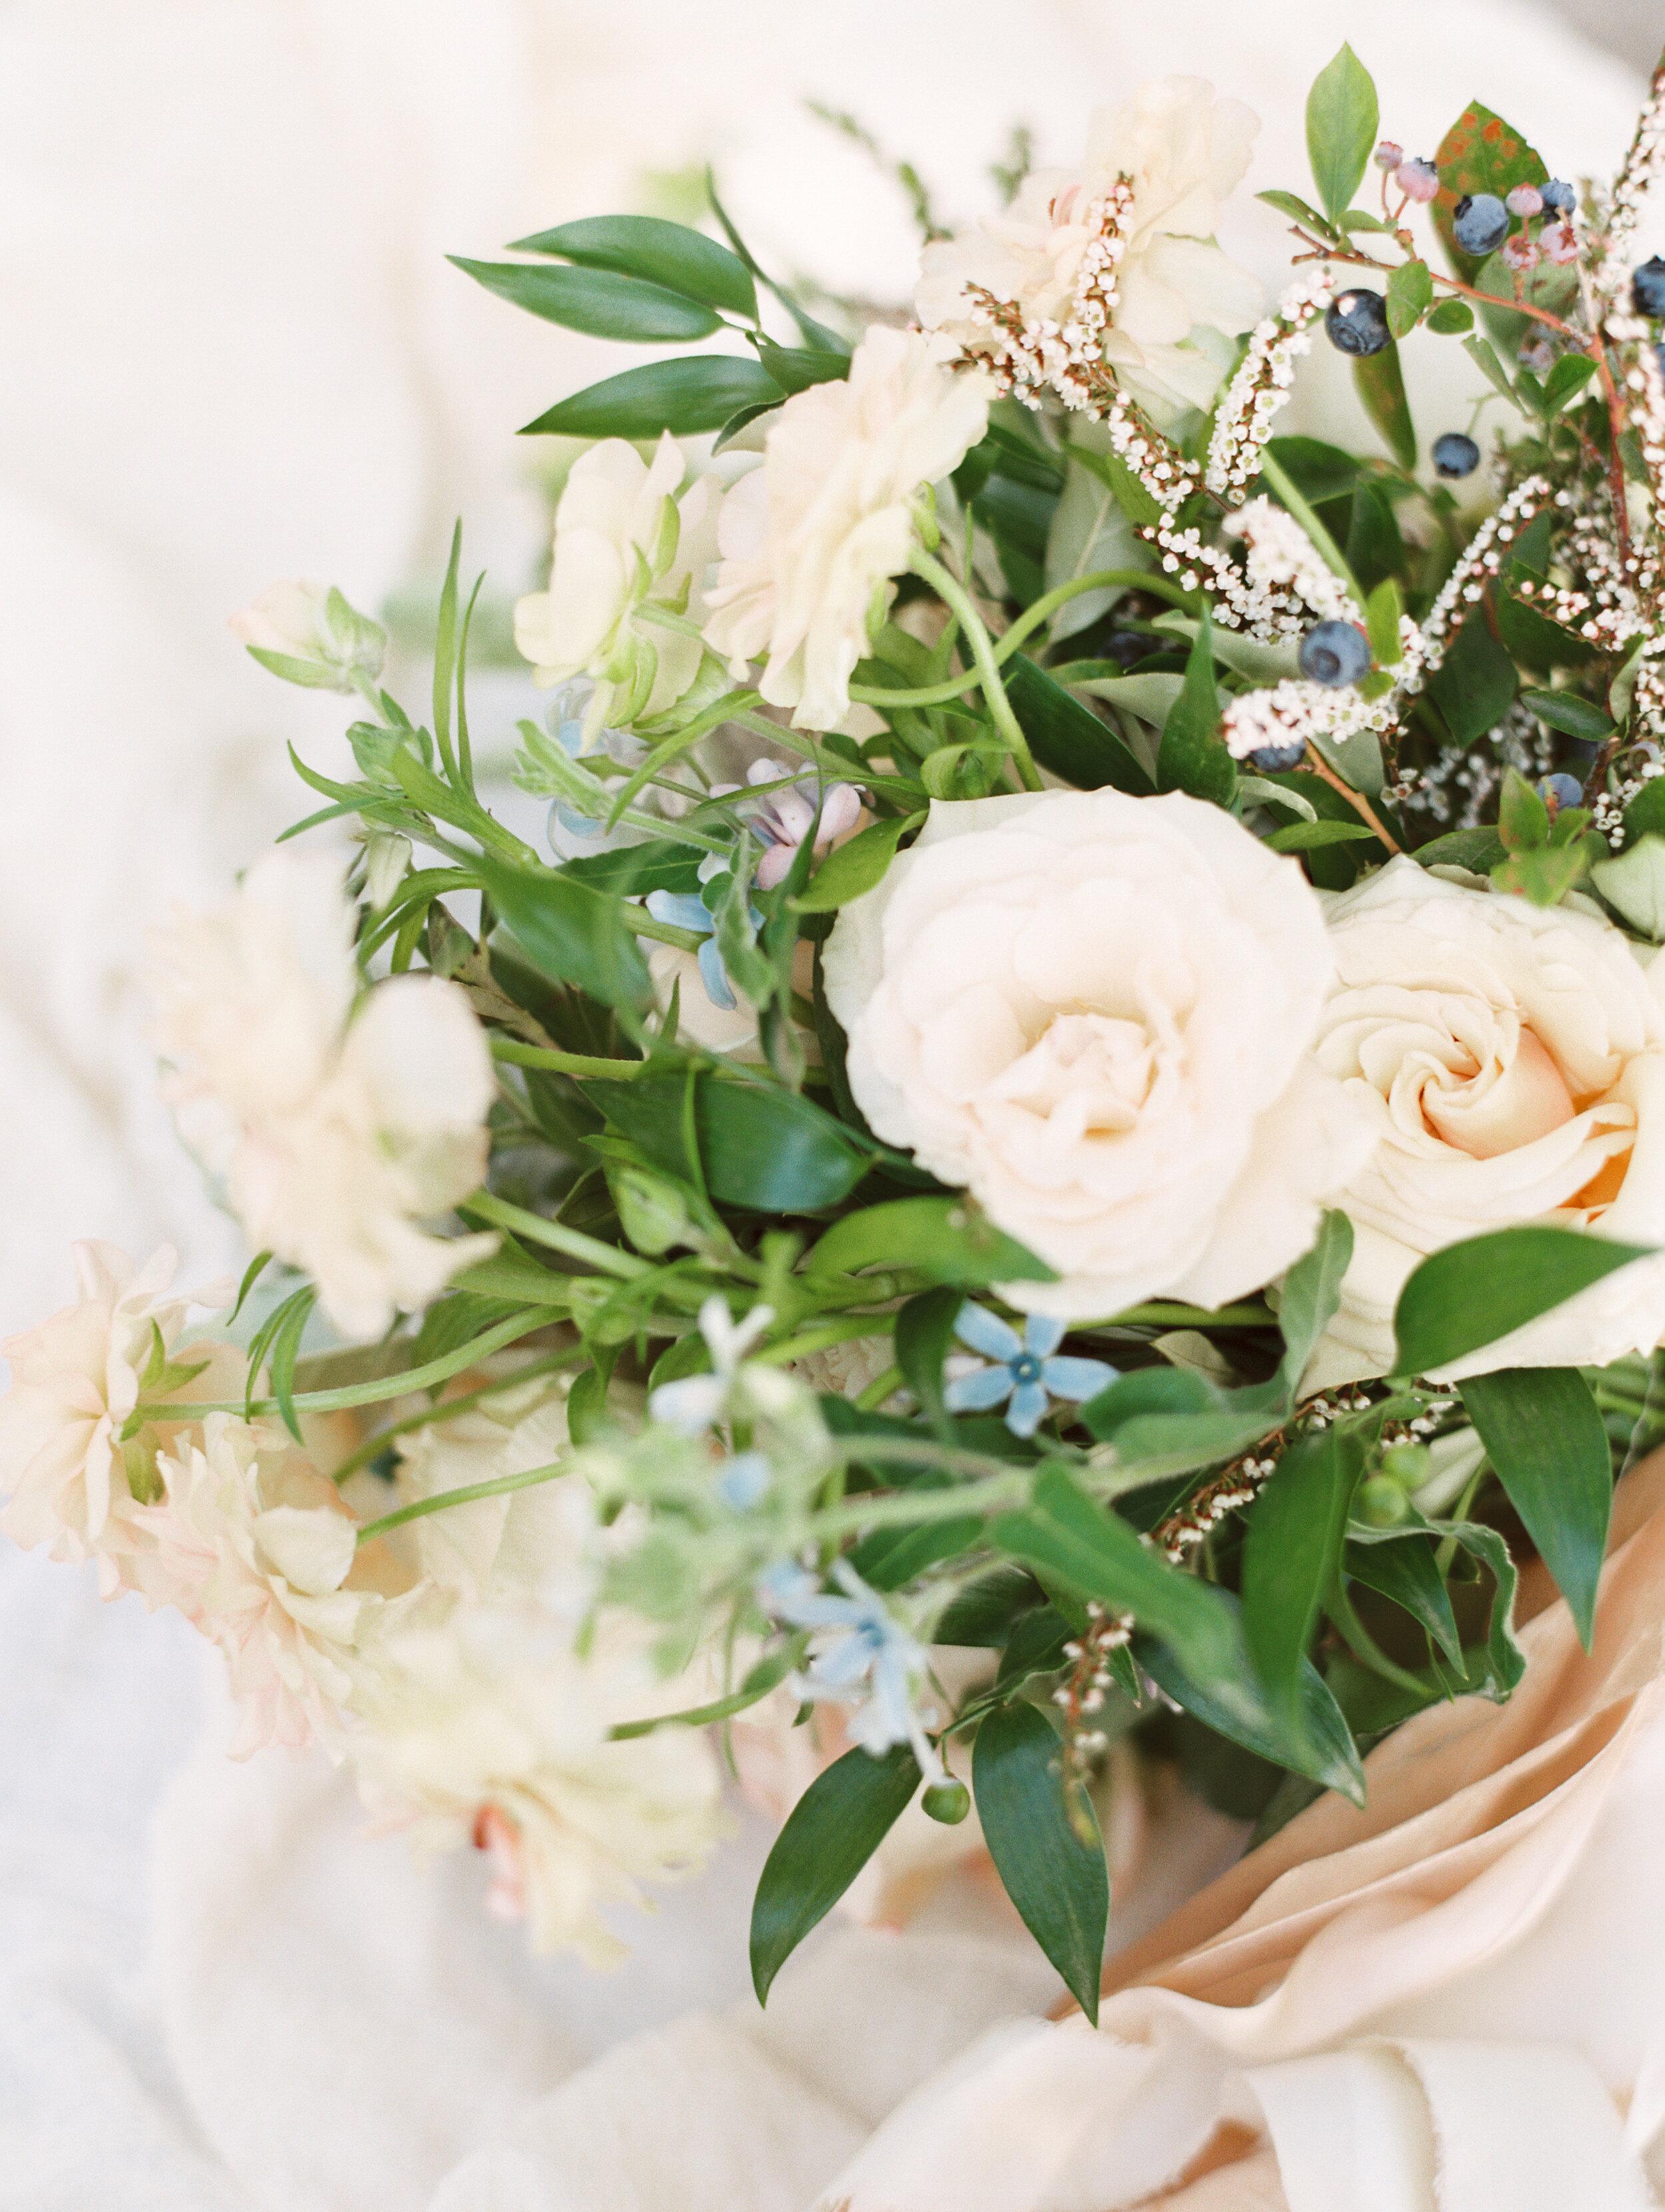 Steinlage+Wedding+Details-37.jpg